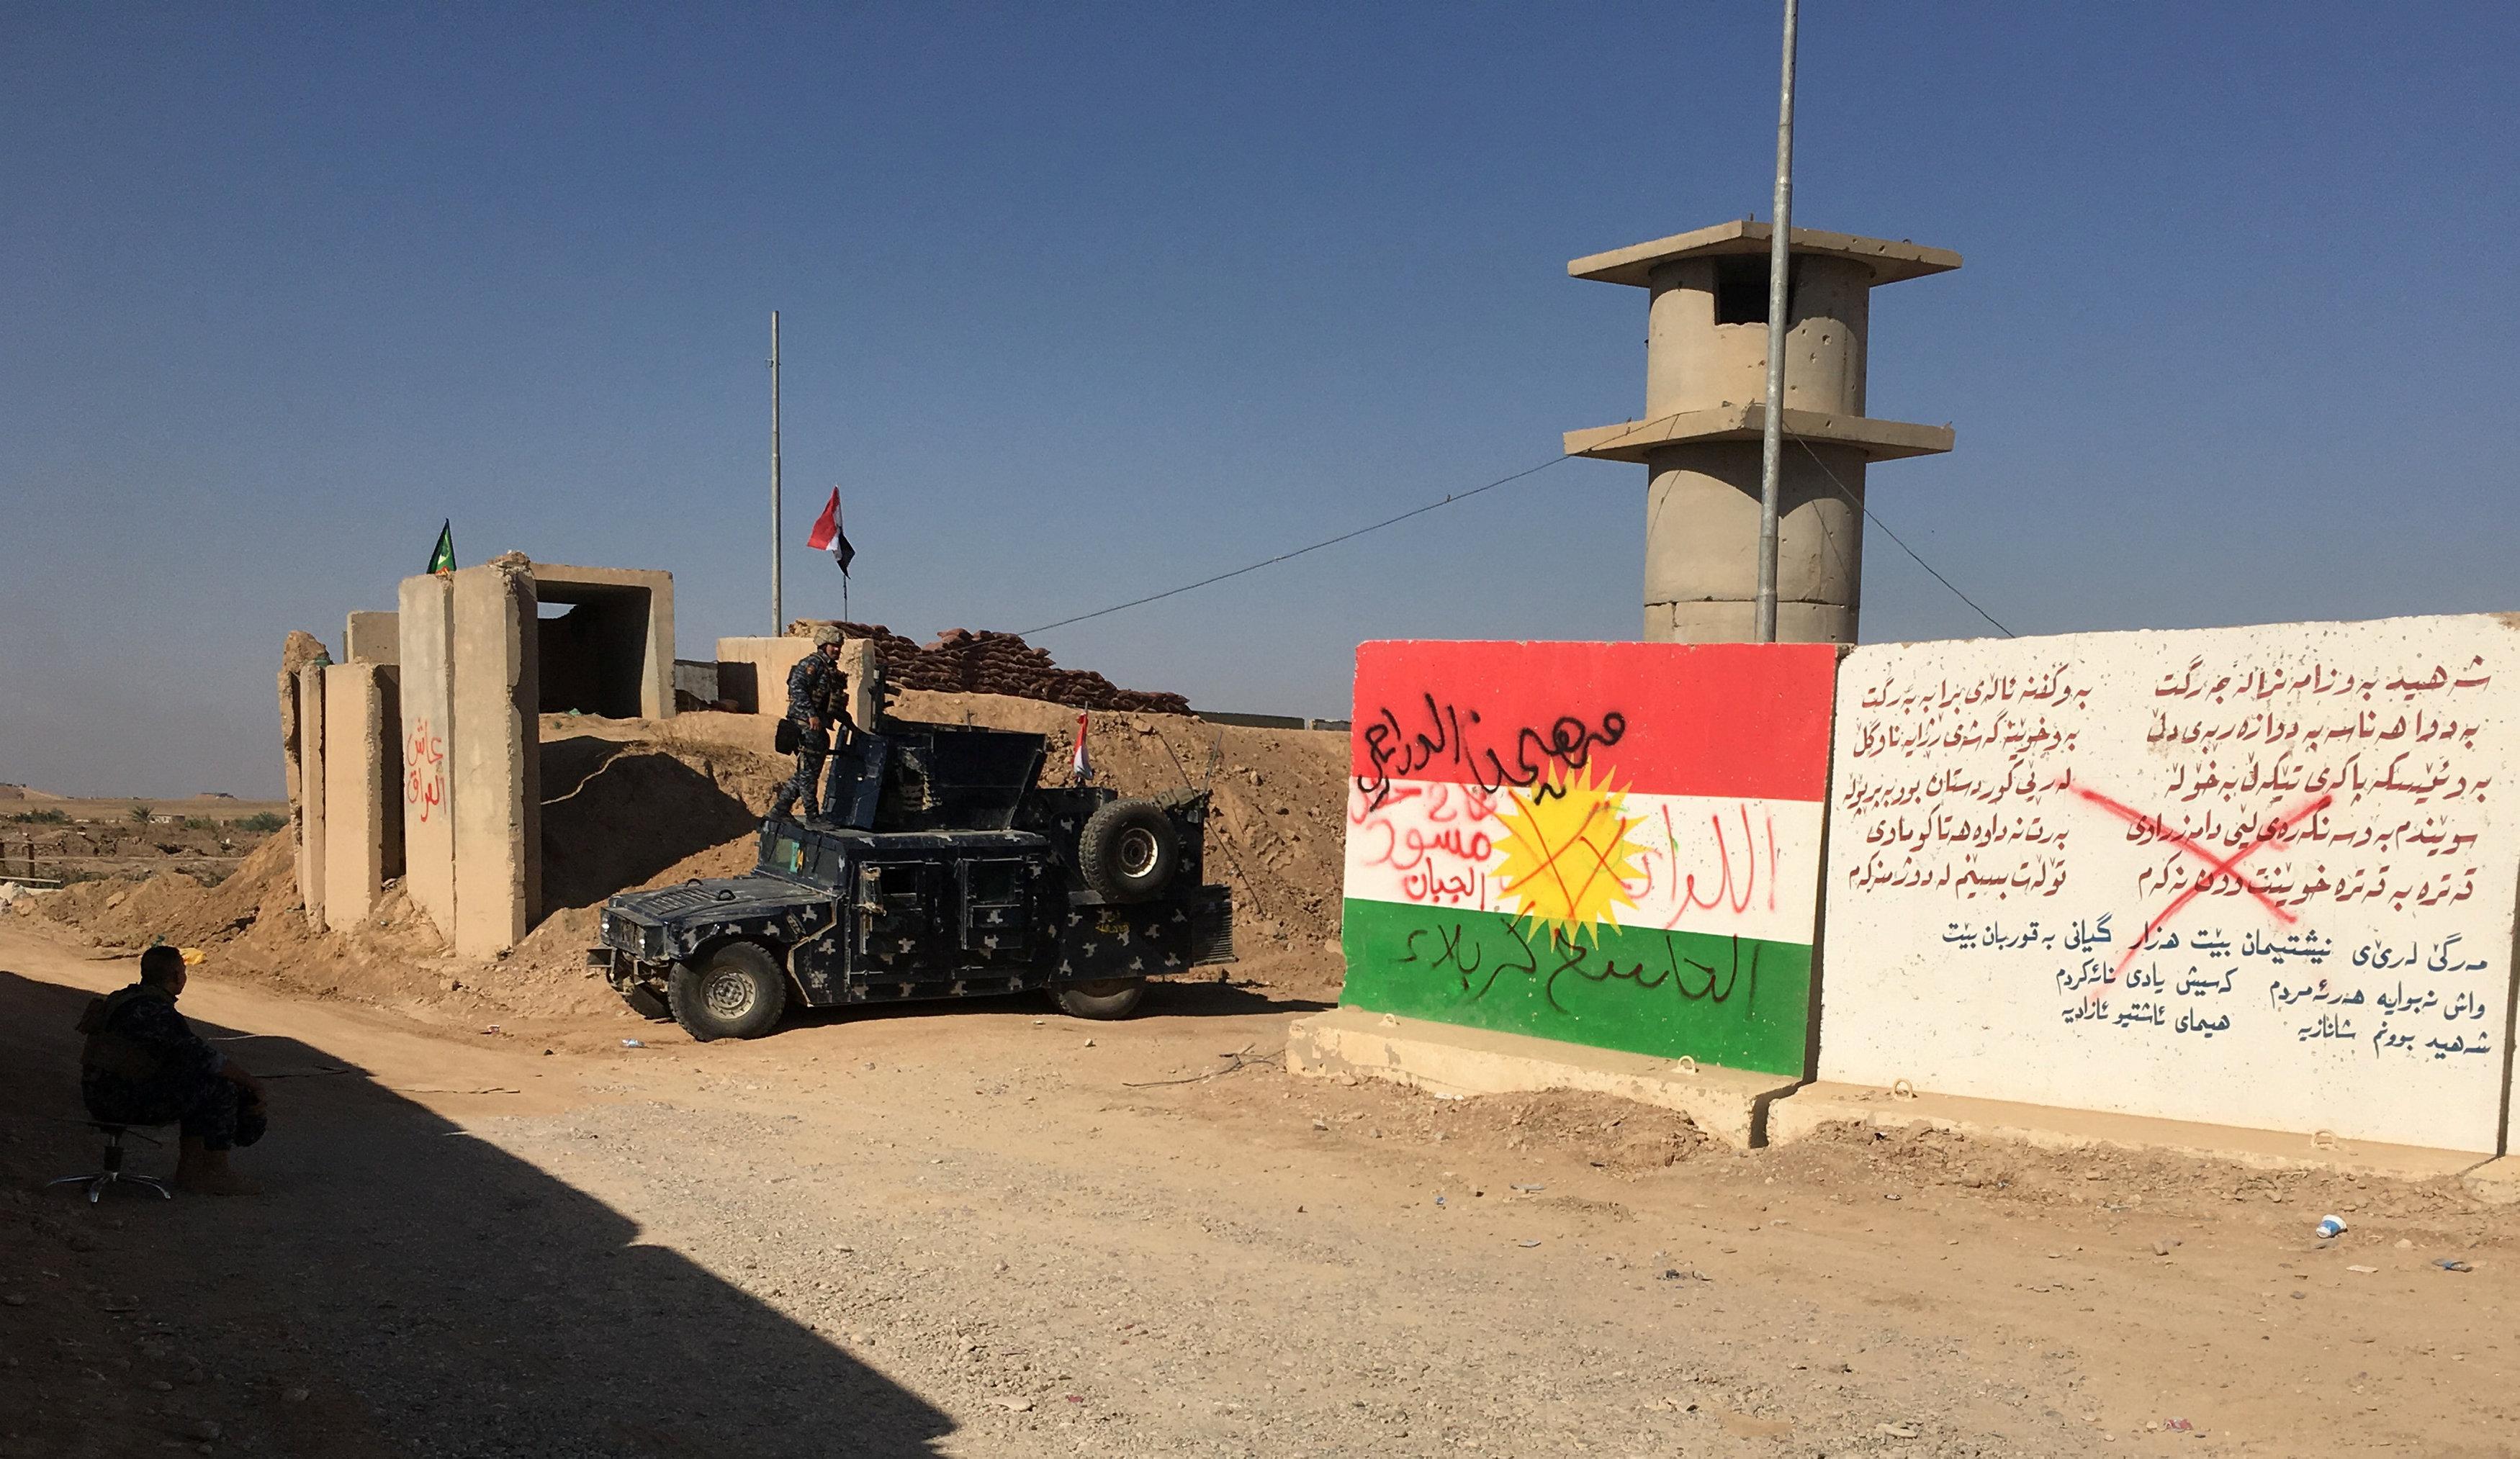 سيارة تابعة للجيش العراقى ينتشر